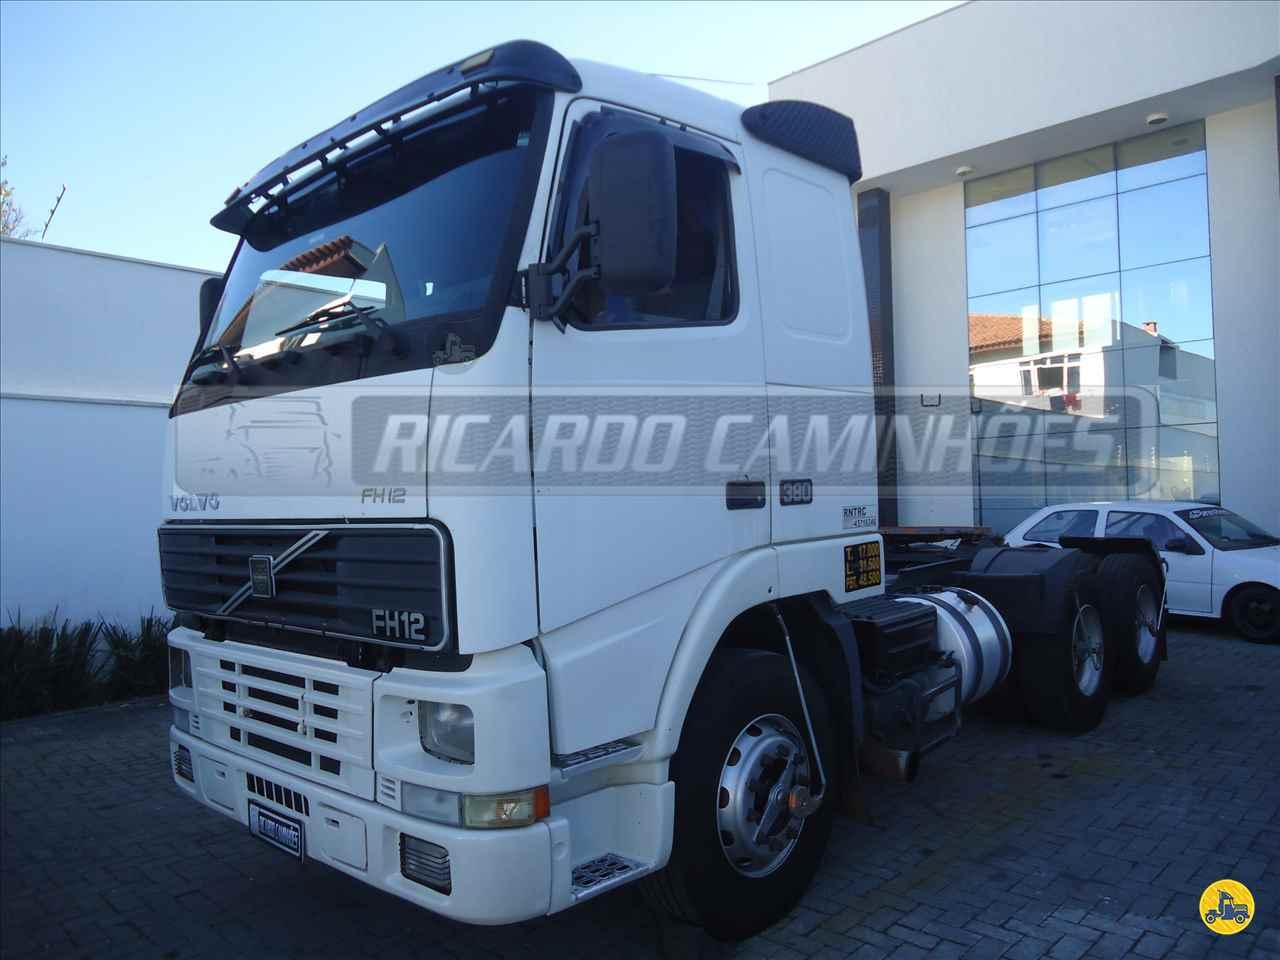 CAMINHAO VOLVO VOLVO FH12 380 Cavalo Mecânico Truck 6x2 Ricardo Caminhões Curitiba CURITIBA PARANÁ PR